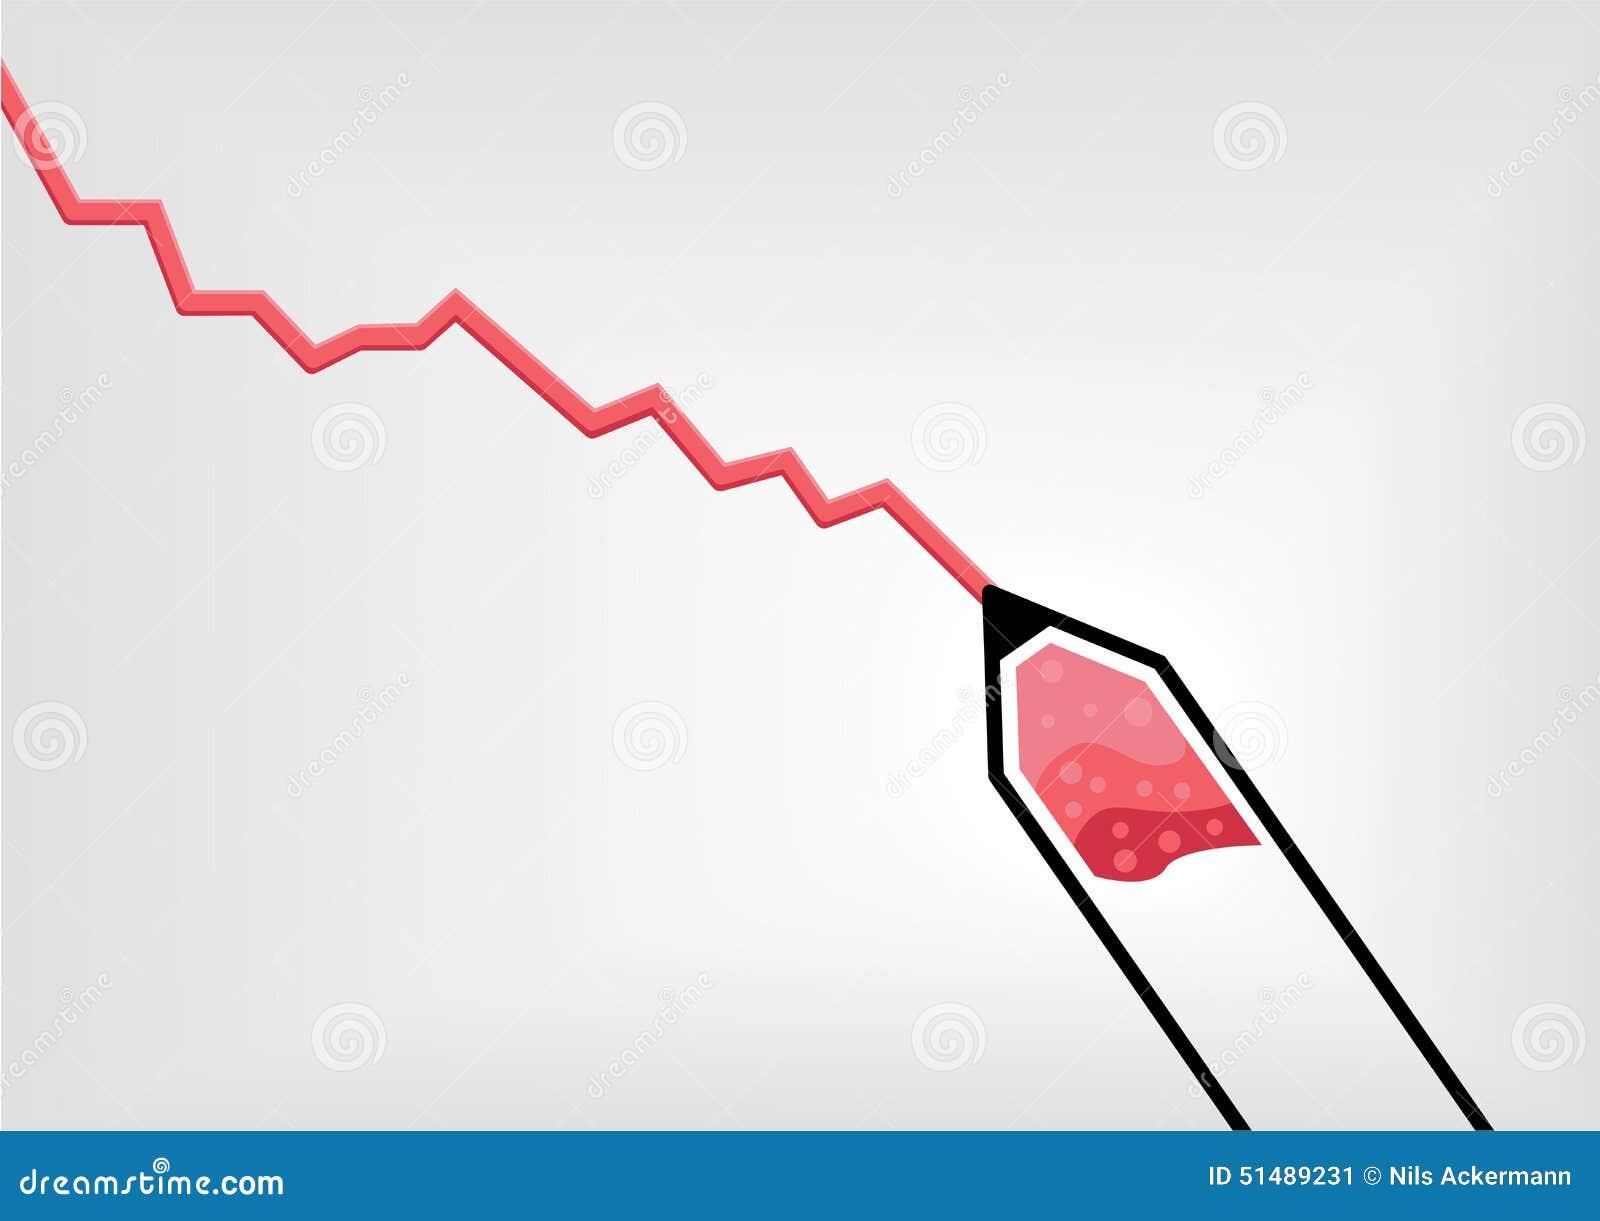 Vector el ejemplo del dibujo rojo de la pluma o de lápiz una curva de crecimiento negativo decreciente